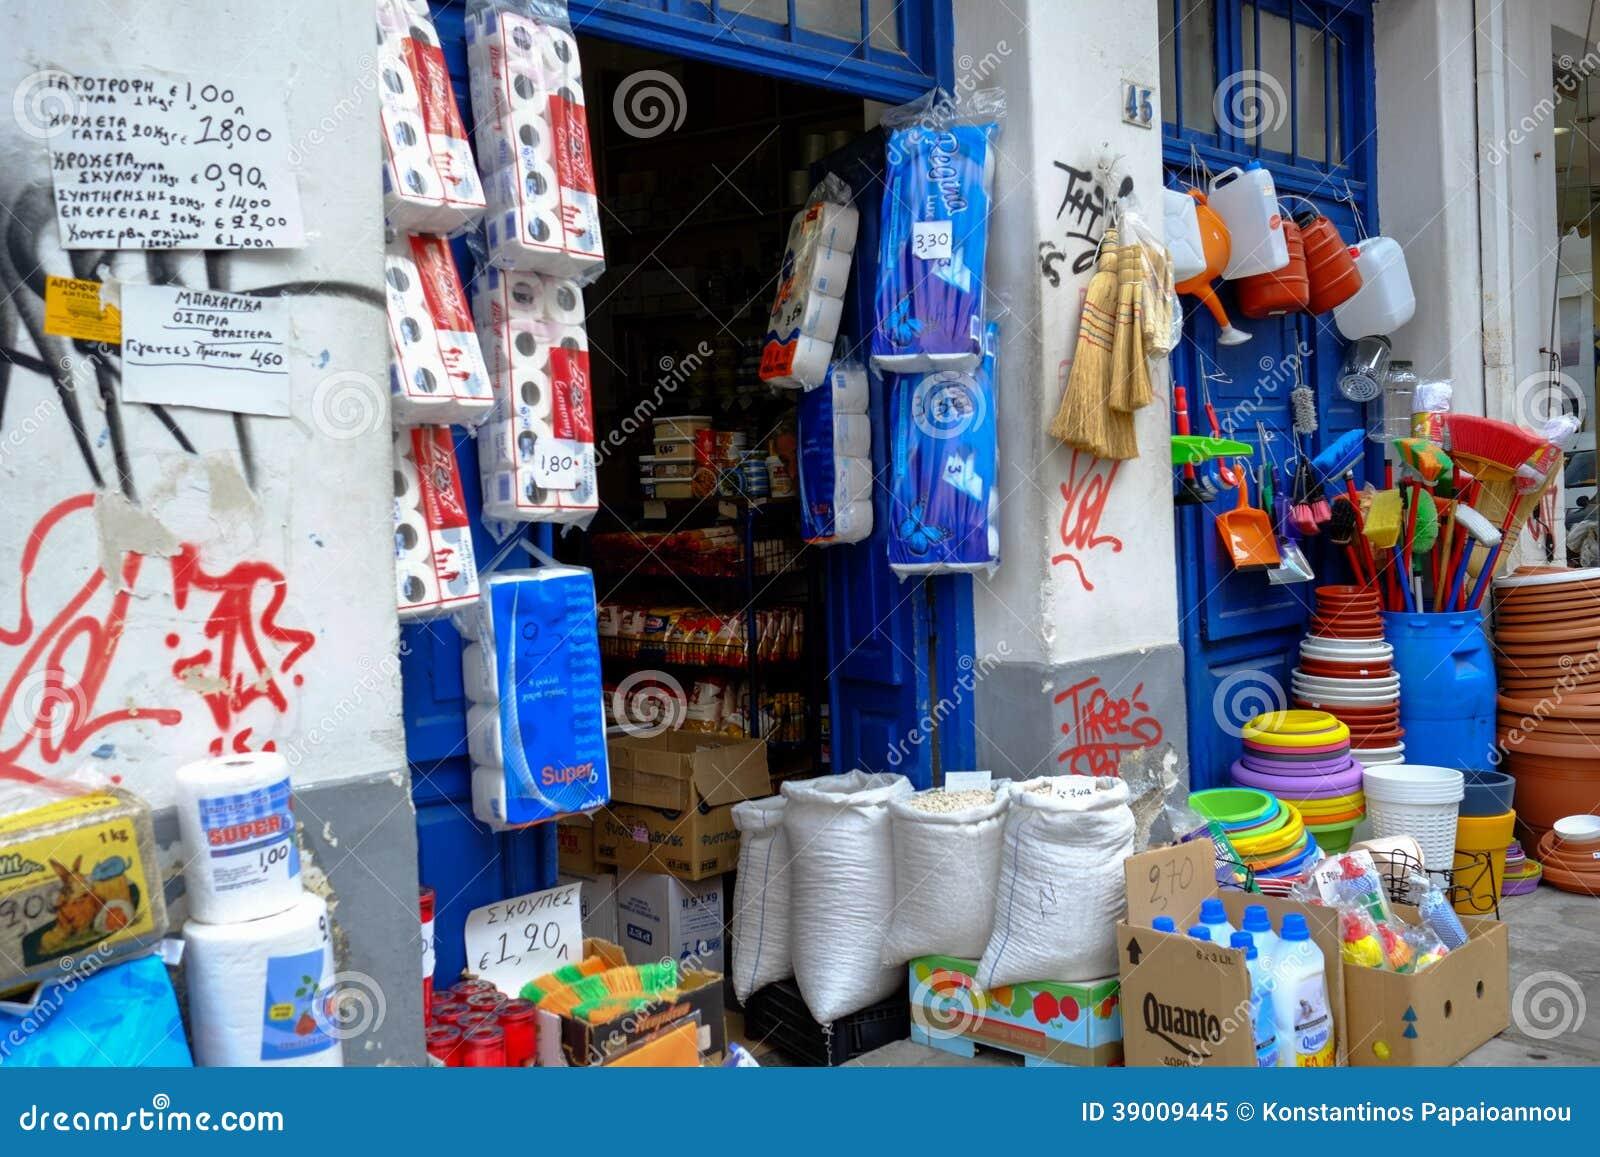 Art culos de almac n para el hogar en grecia imagen for Accesorios decorativos para el hogar